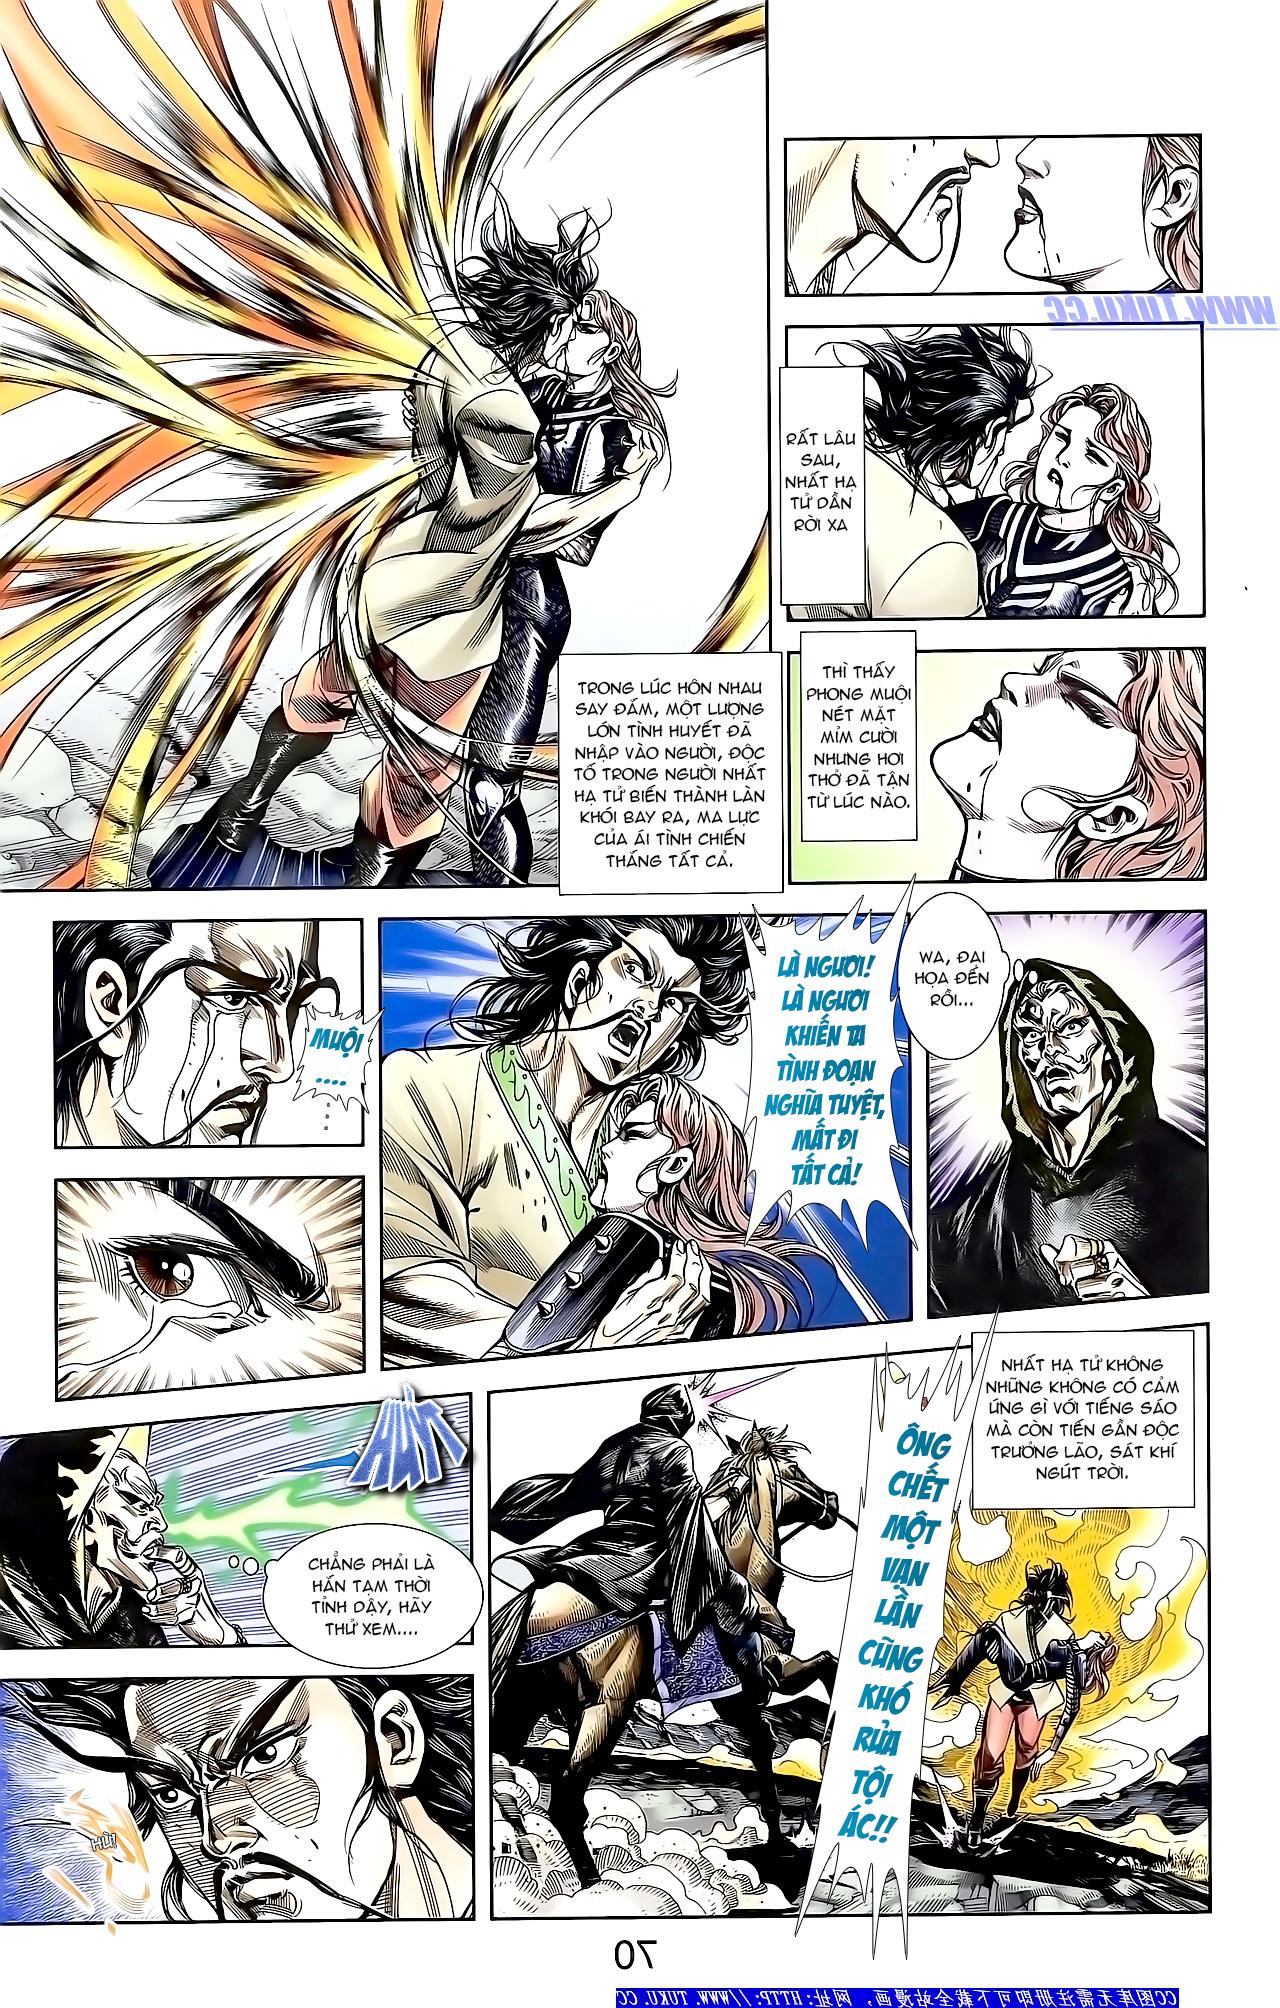 Cơ Phát Khai Chu Bản chapter 158 trang 7